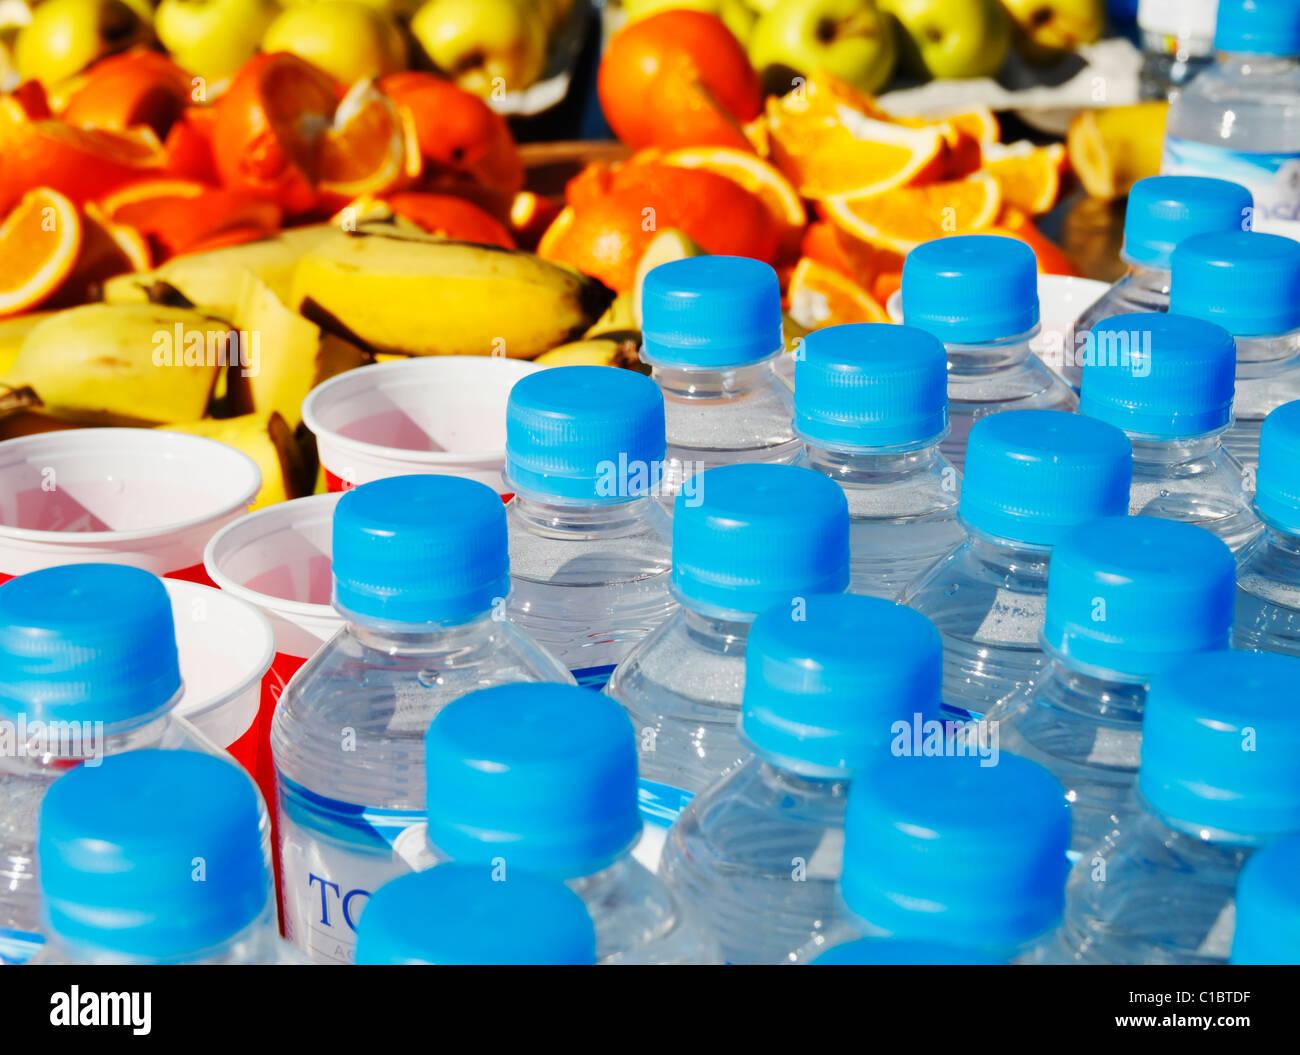 Bouteilles d'eau et des fruits à city marathon feed station Photo Stock